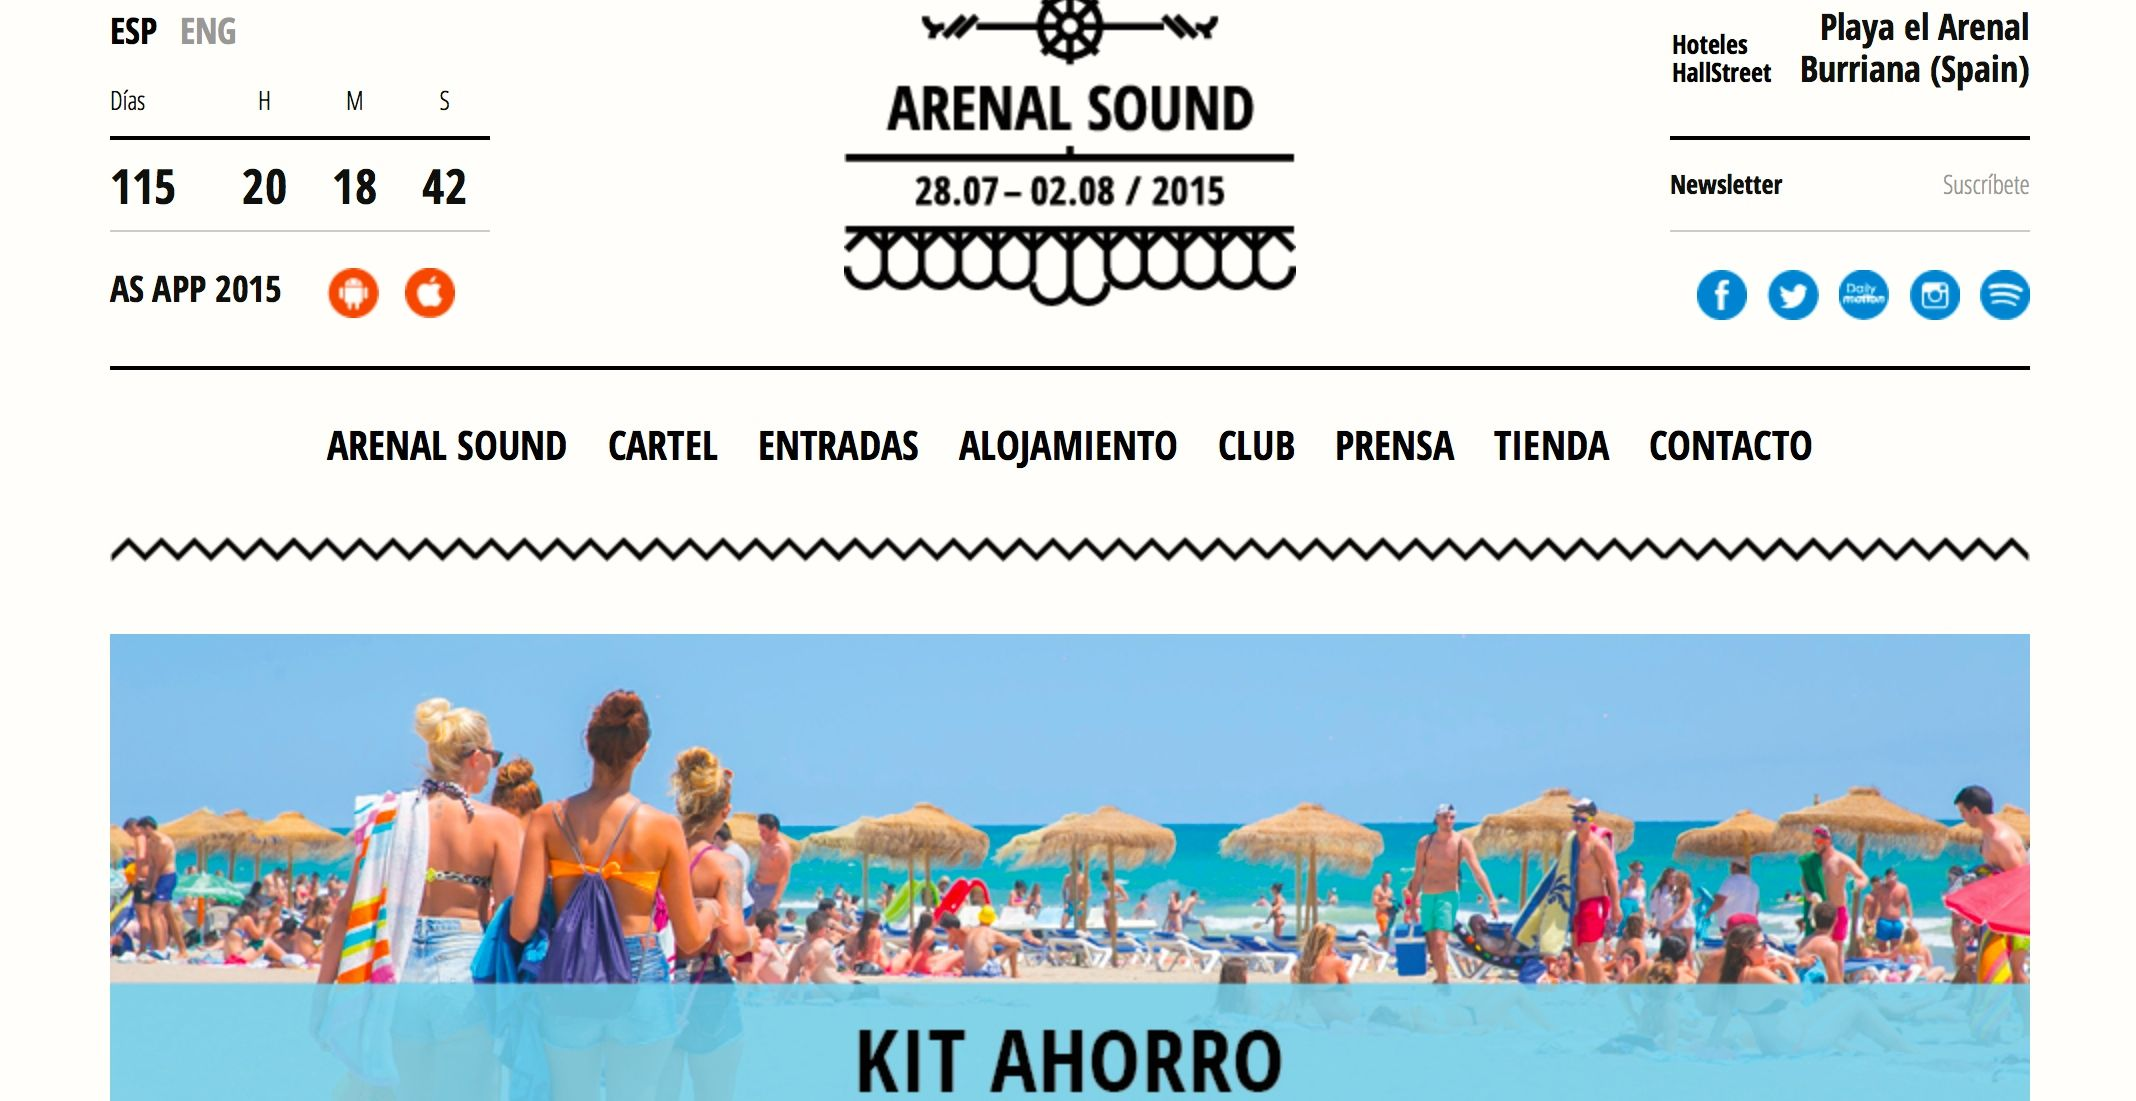 Página web oficial del Arenal Sound